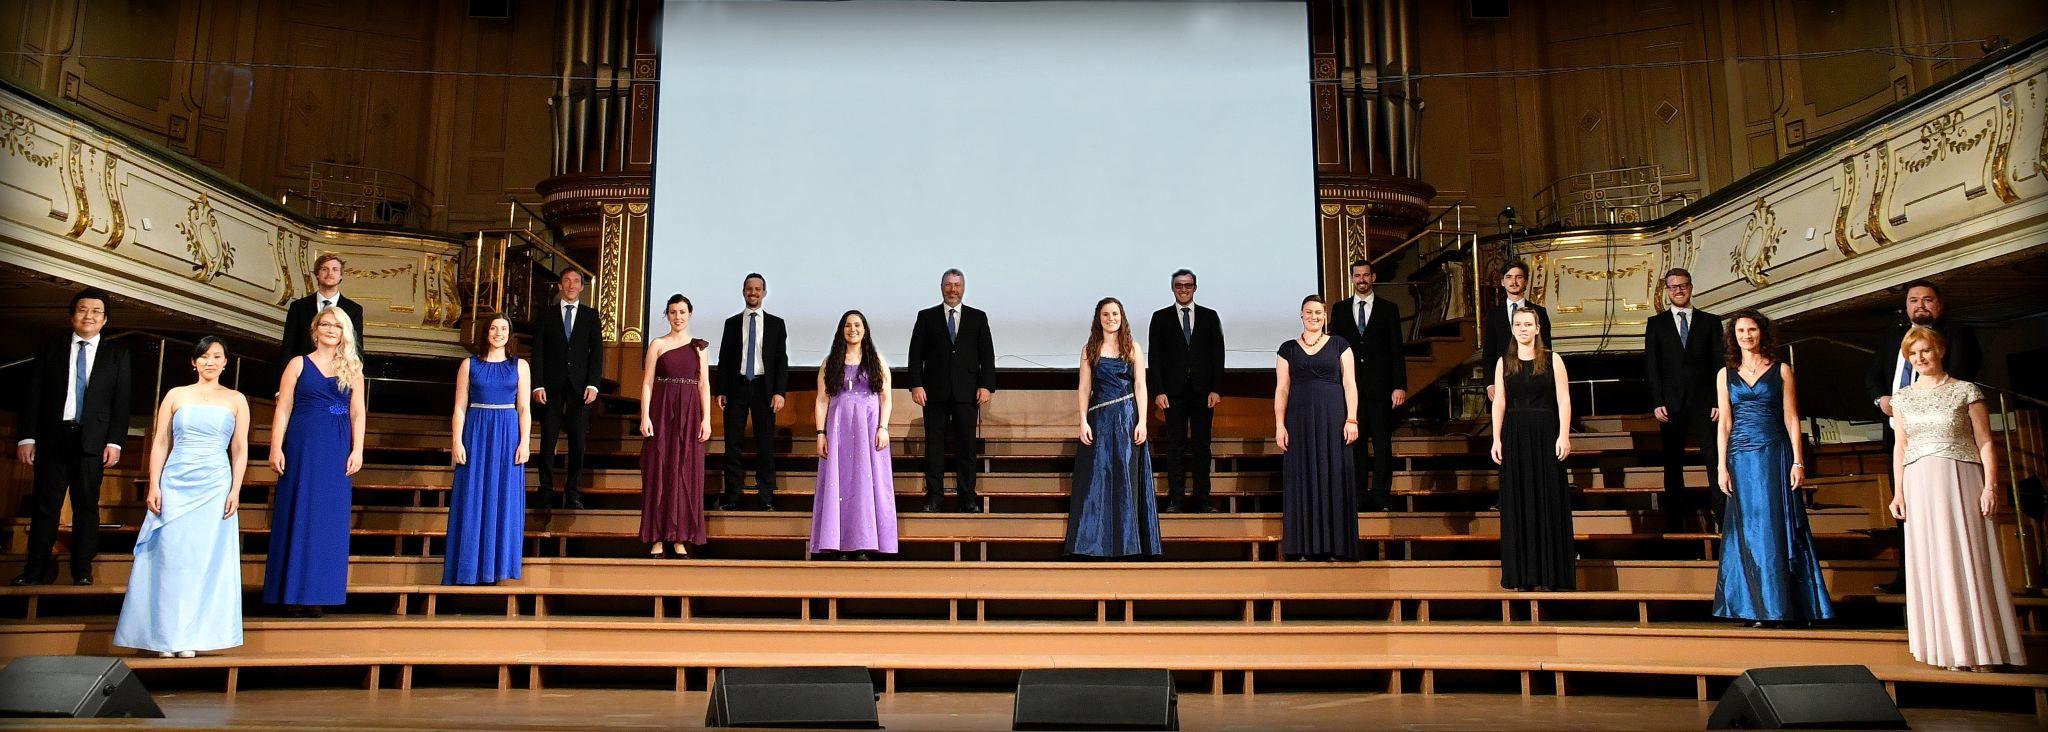 Foto aller Sängerinnen und Sänger des Vocalforum Graz